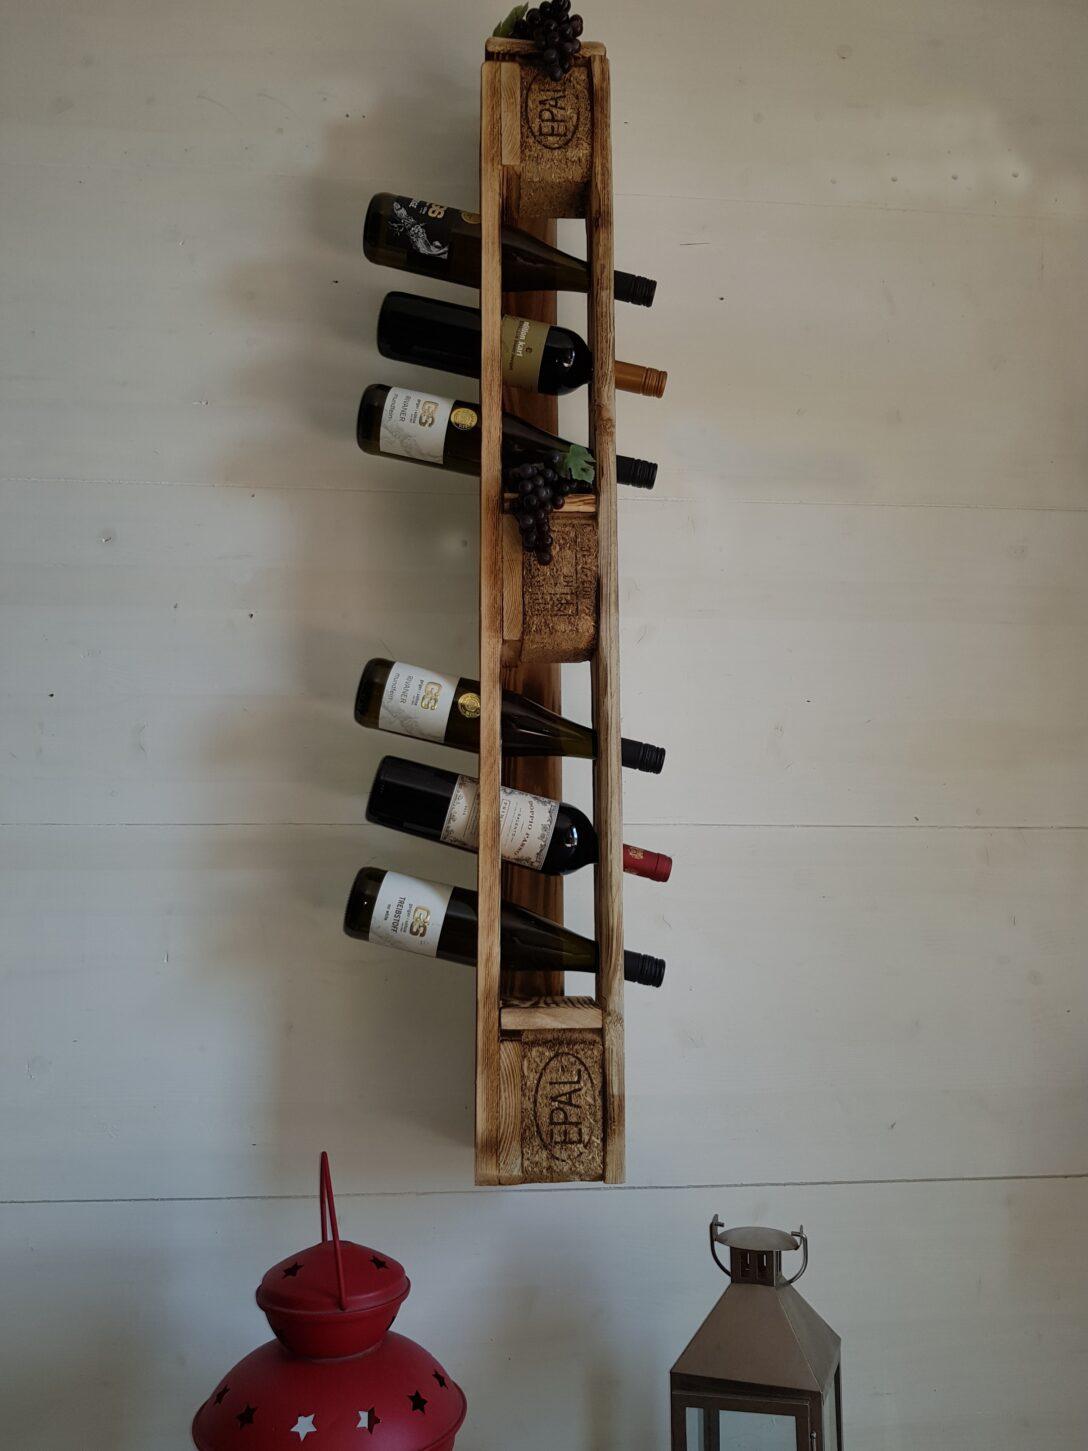 Large Size of Wein Regal Weinregal Keller Design Wandregal Sobuy Weinregale Aus Metall Wand Schwarz Palette Kaufen Paletten Anleitung Holz Selber Bauen Kare Vintage Regal Wein Regal